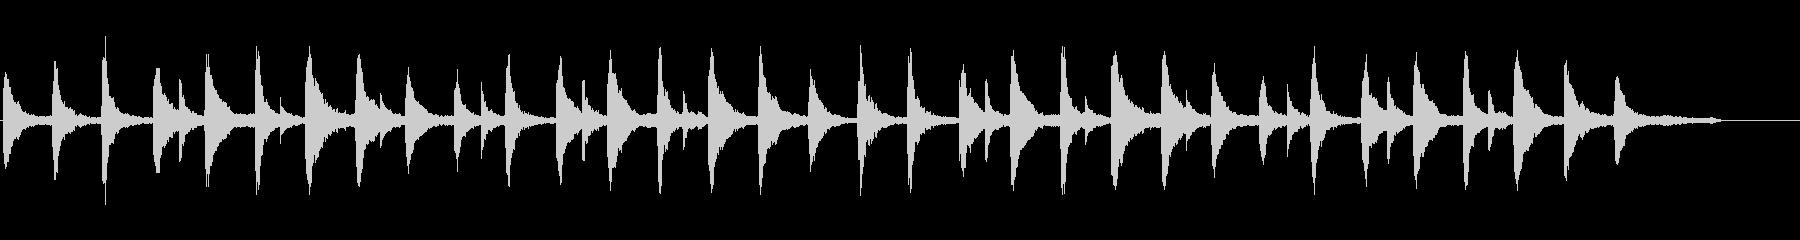 幻想的でメロディレスなピアノソロの未再生の波形